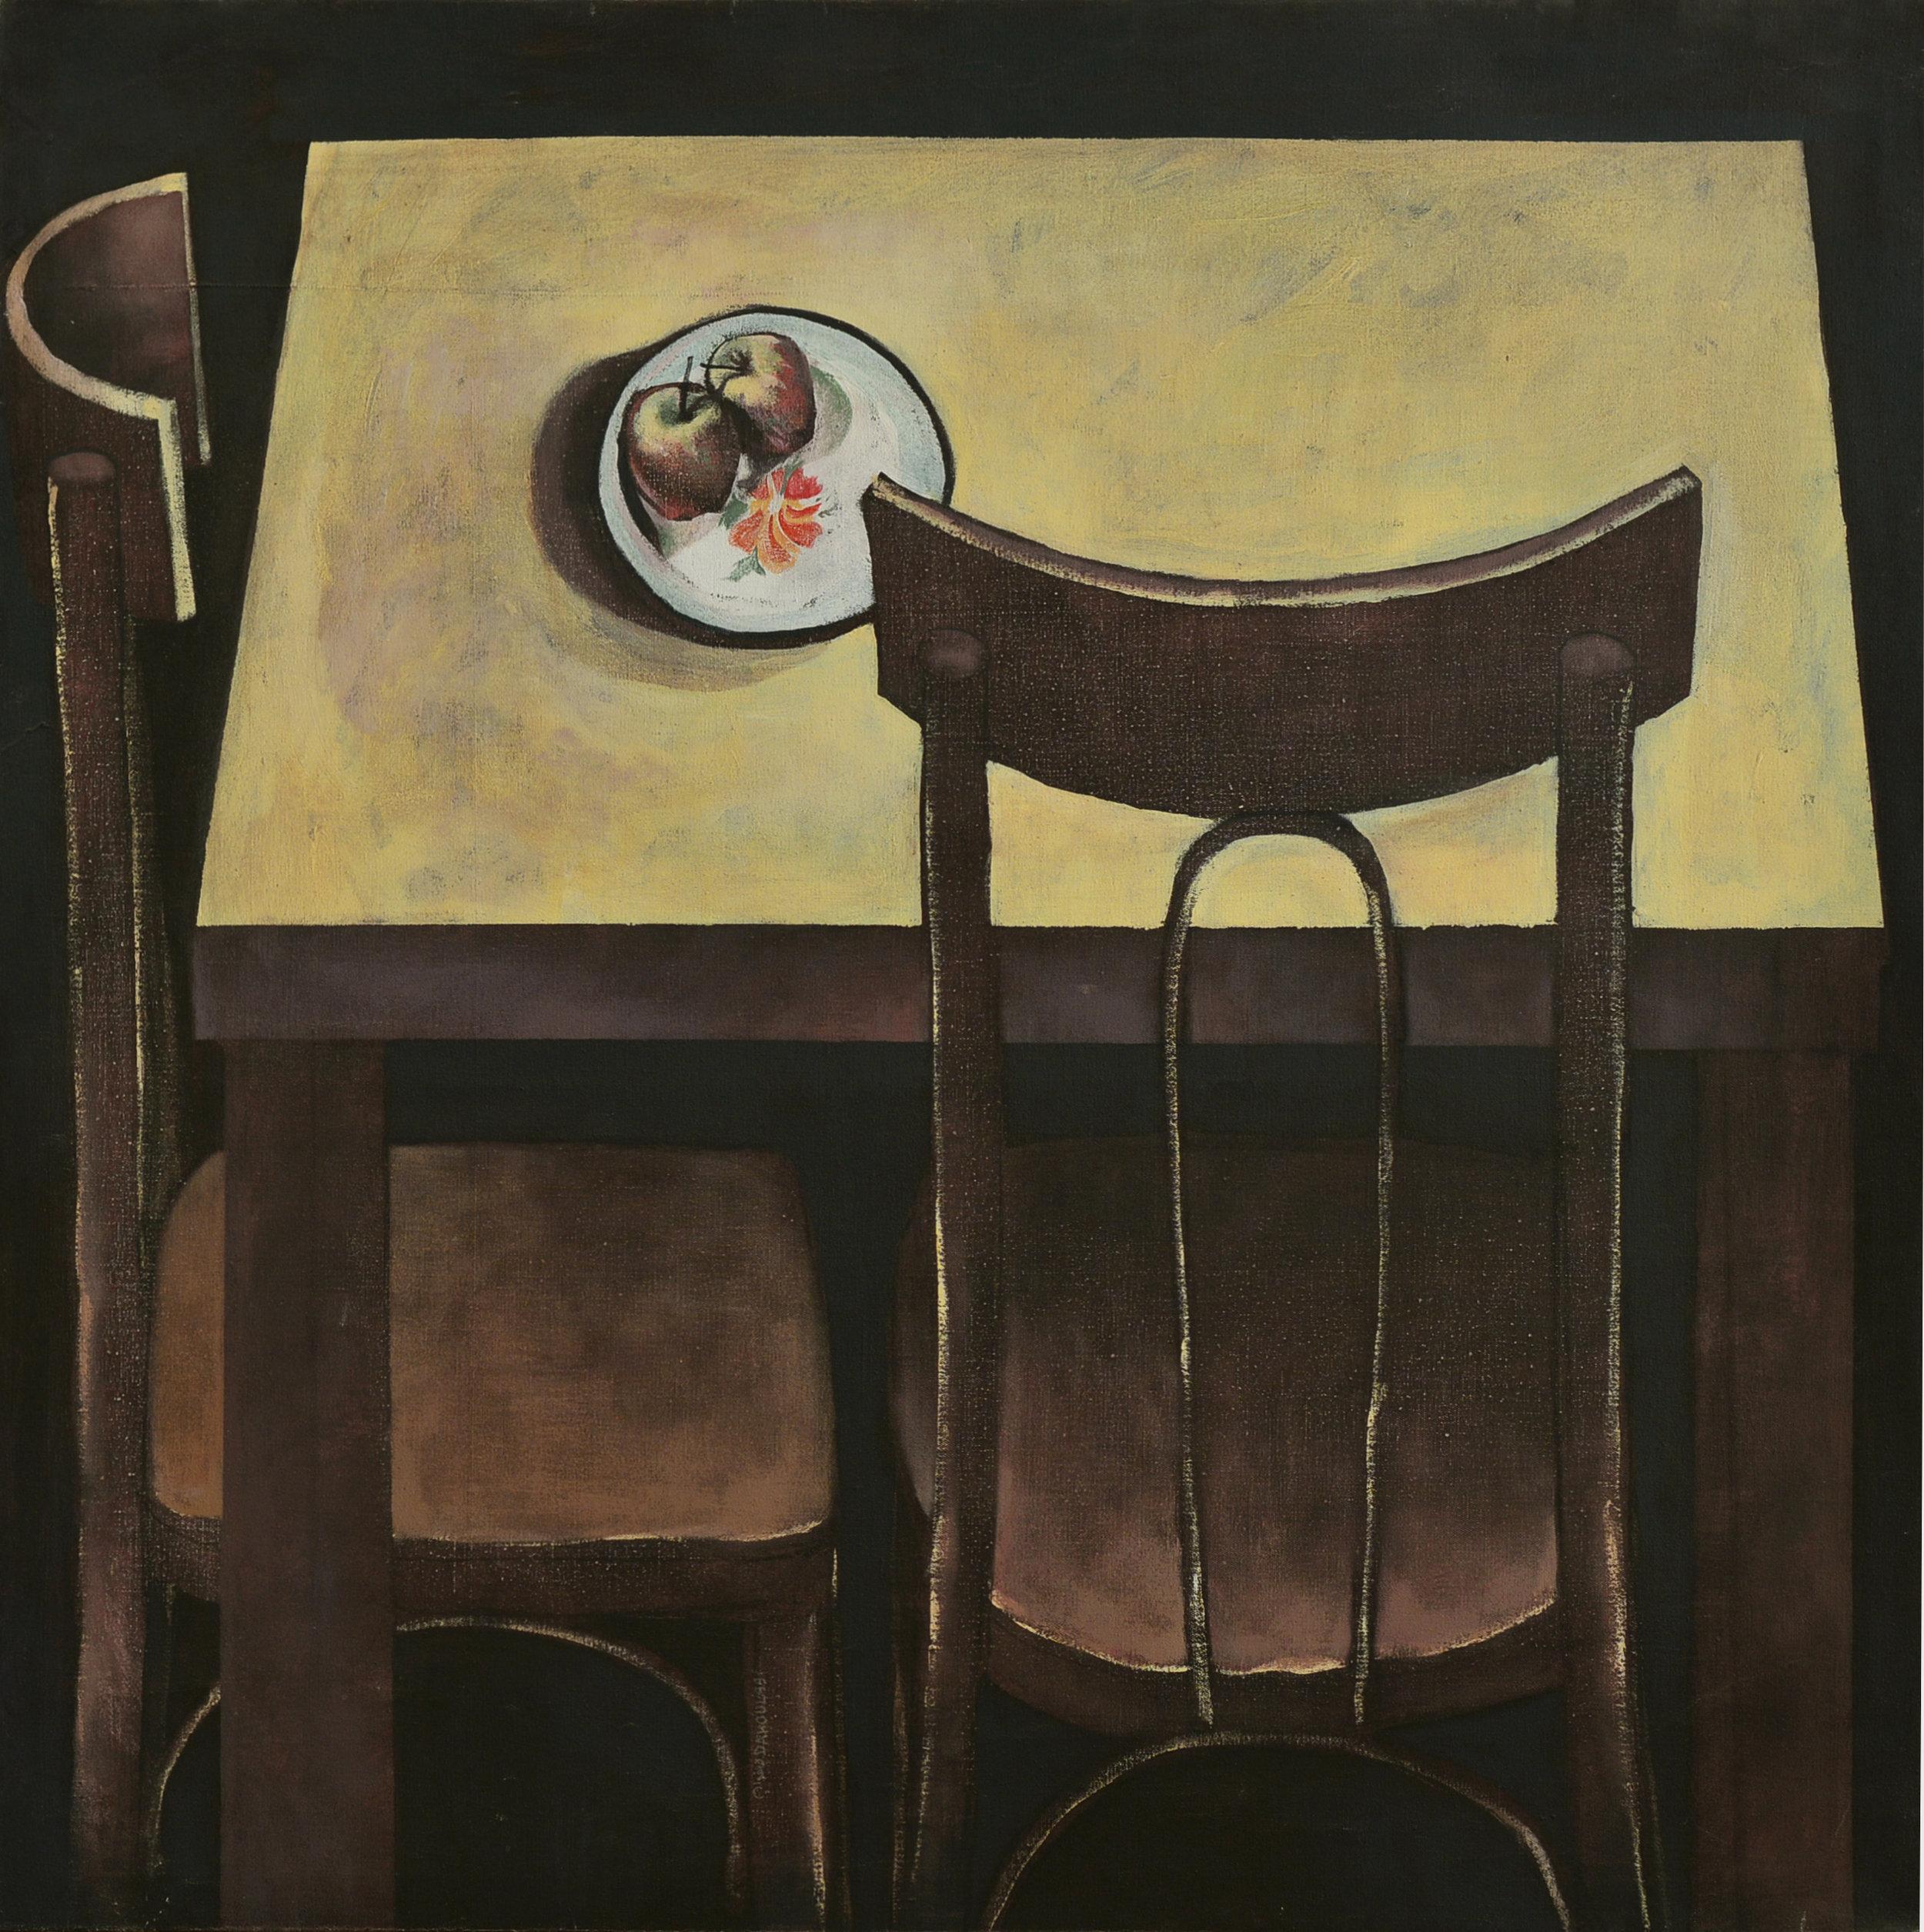 Still Life by Safwan Dahoul